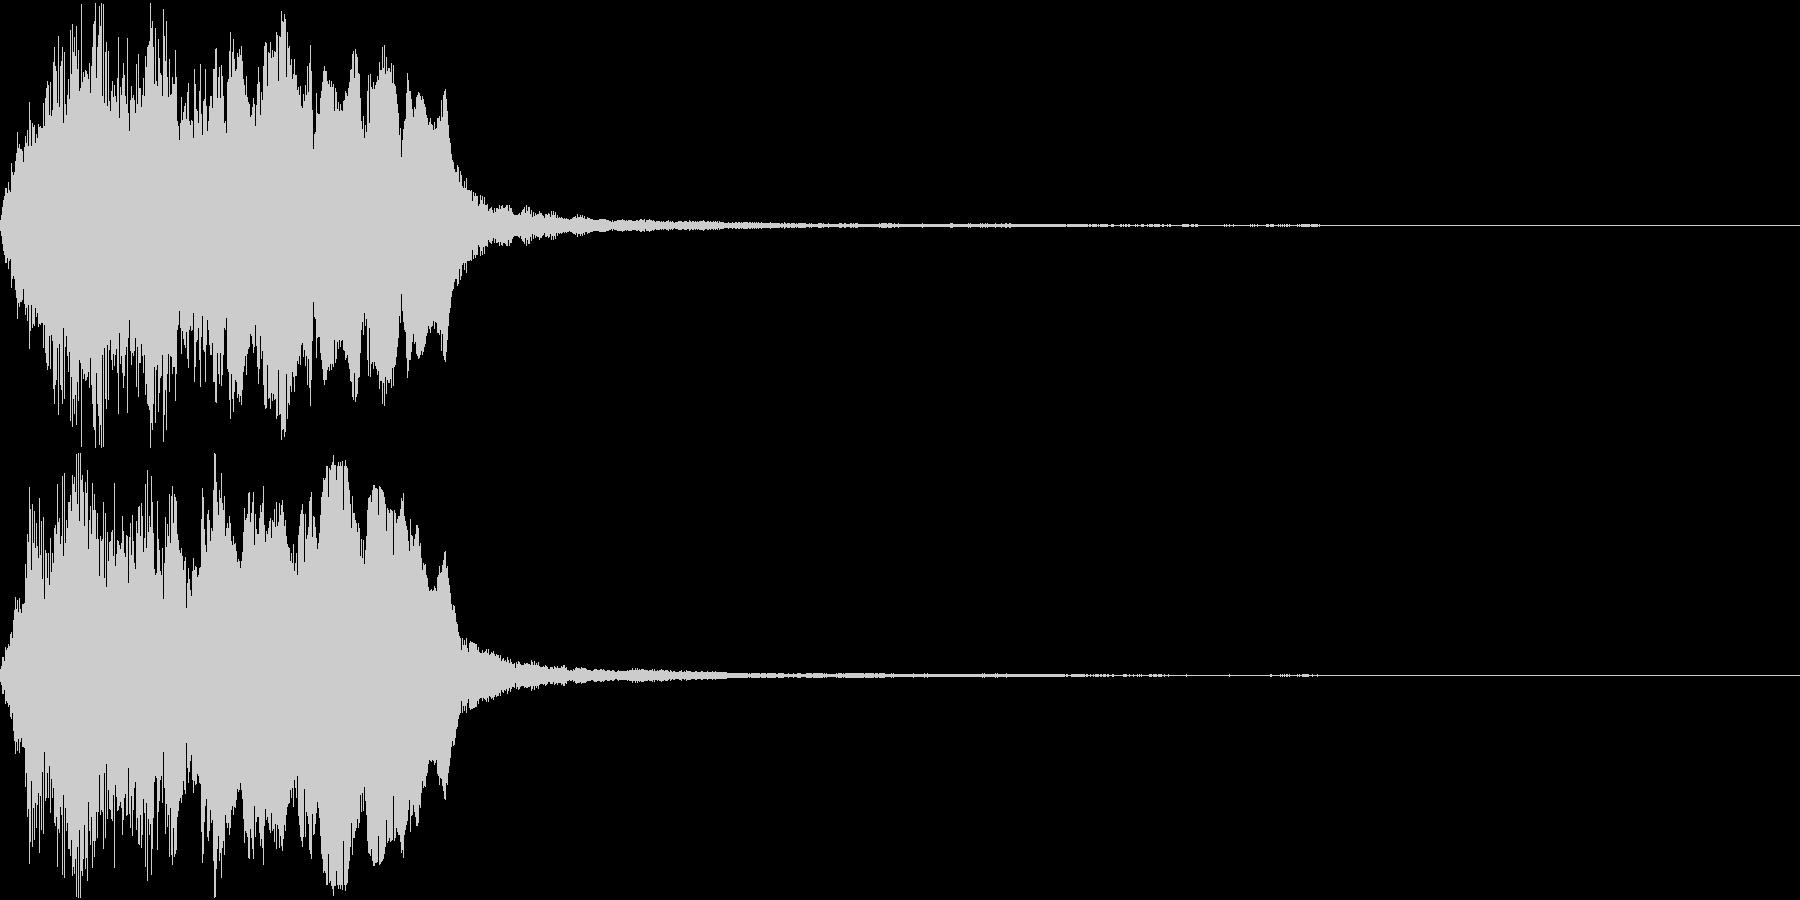 ラッパ ファンファーレ 定番 1の未再生の波形